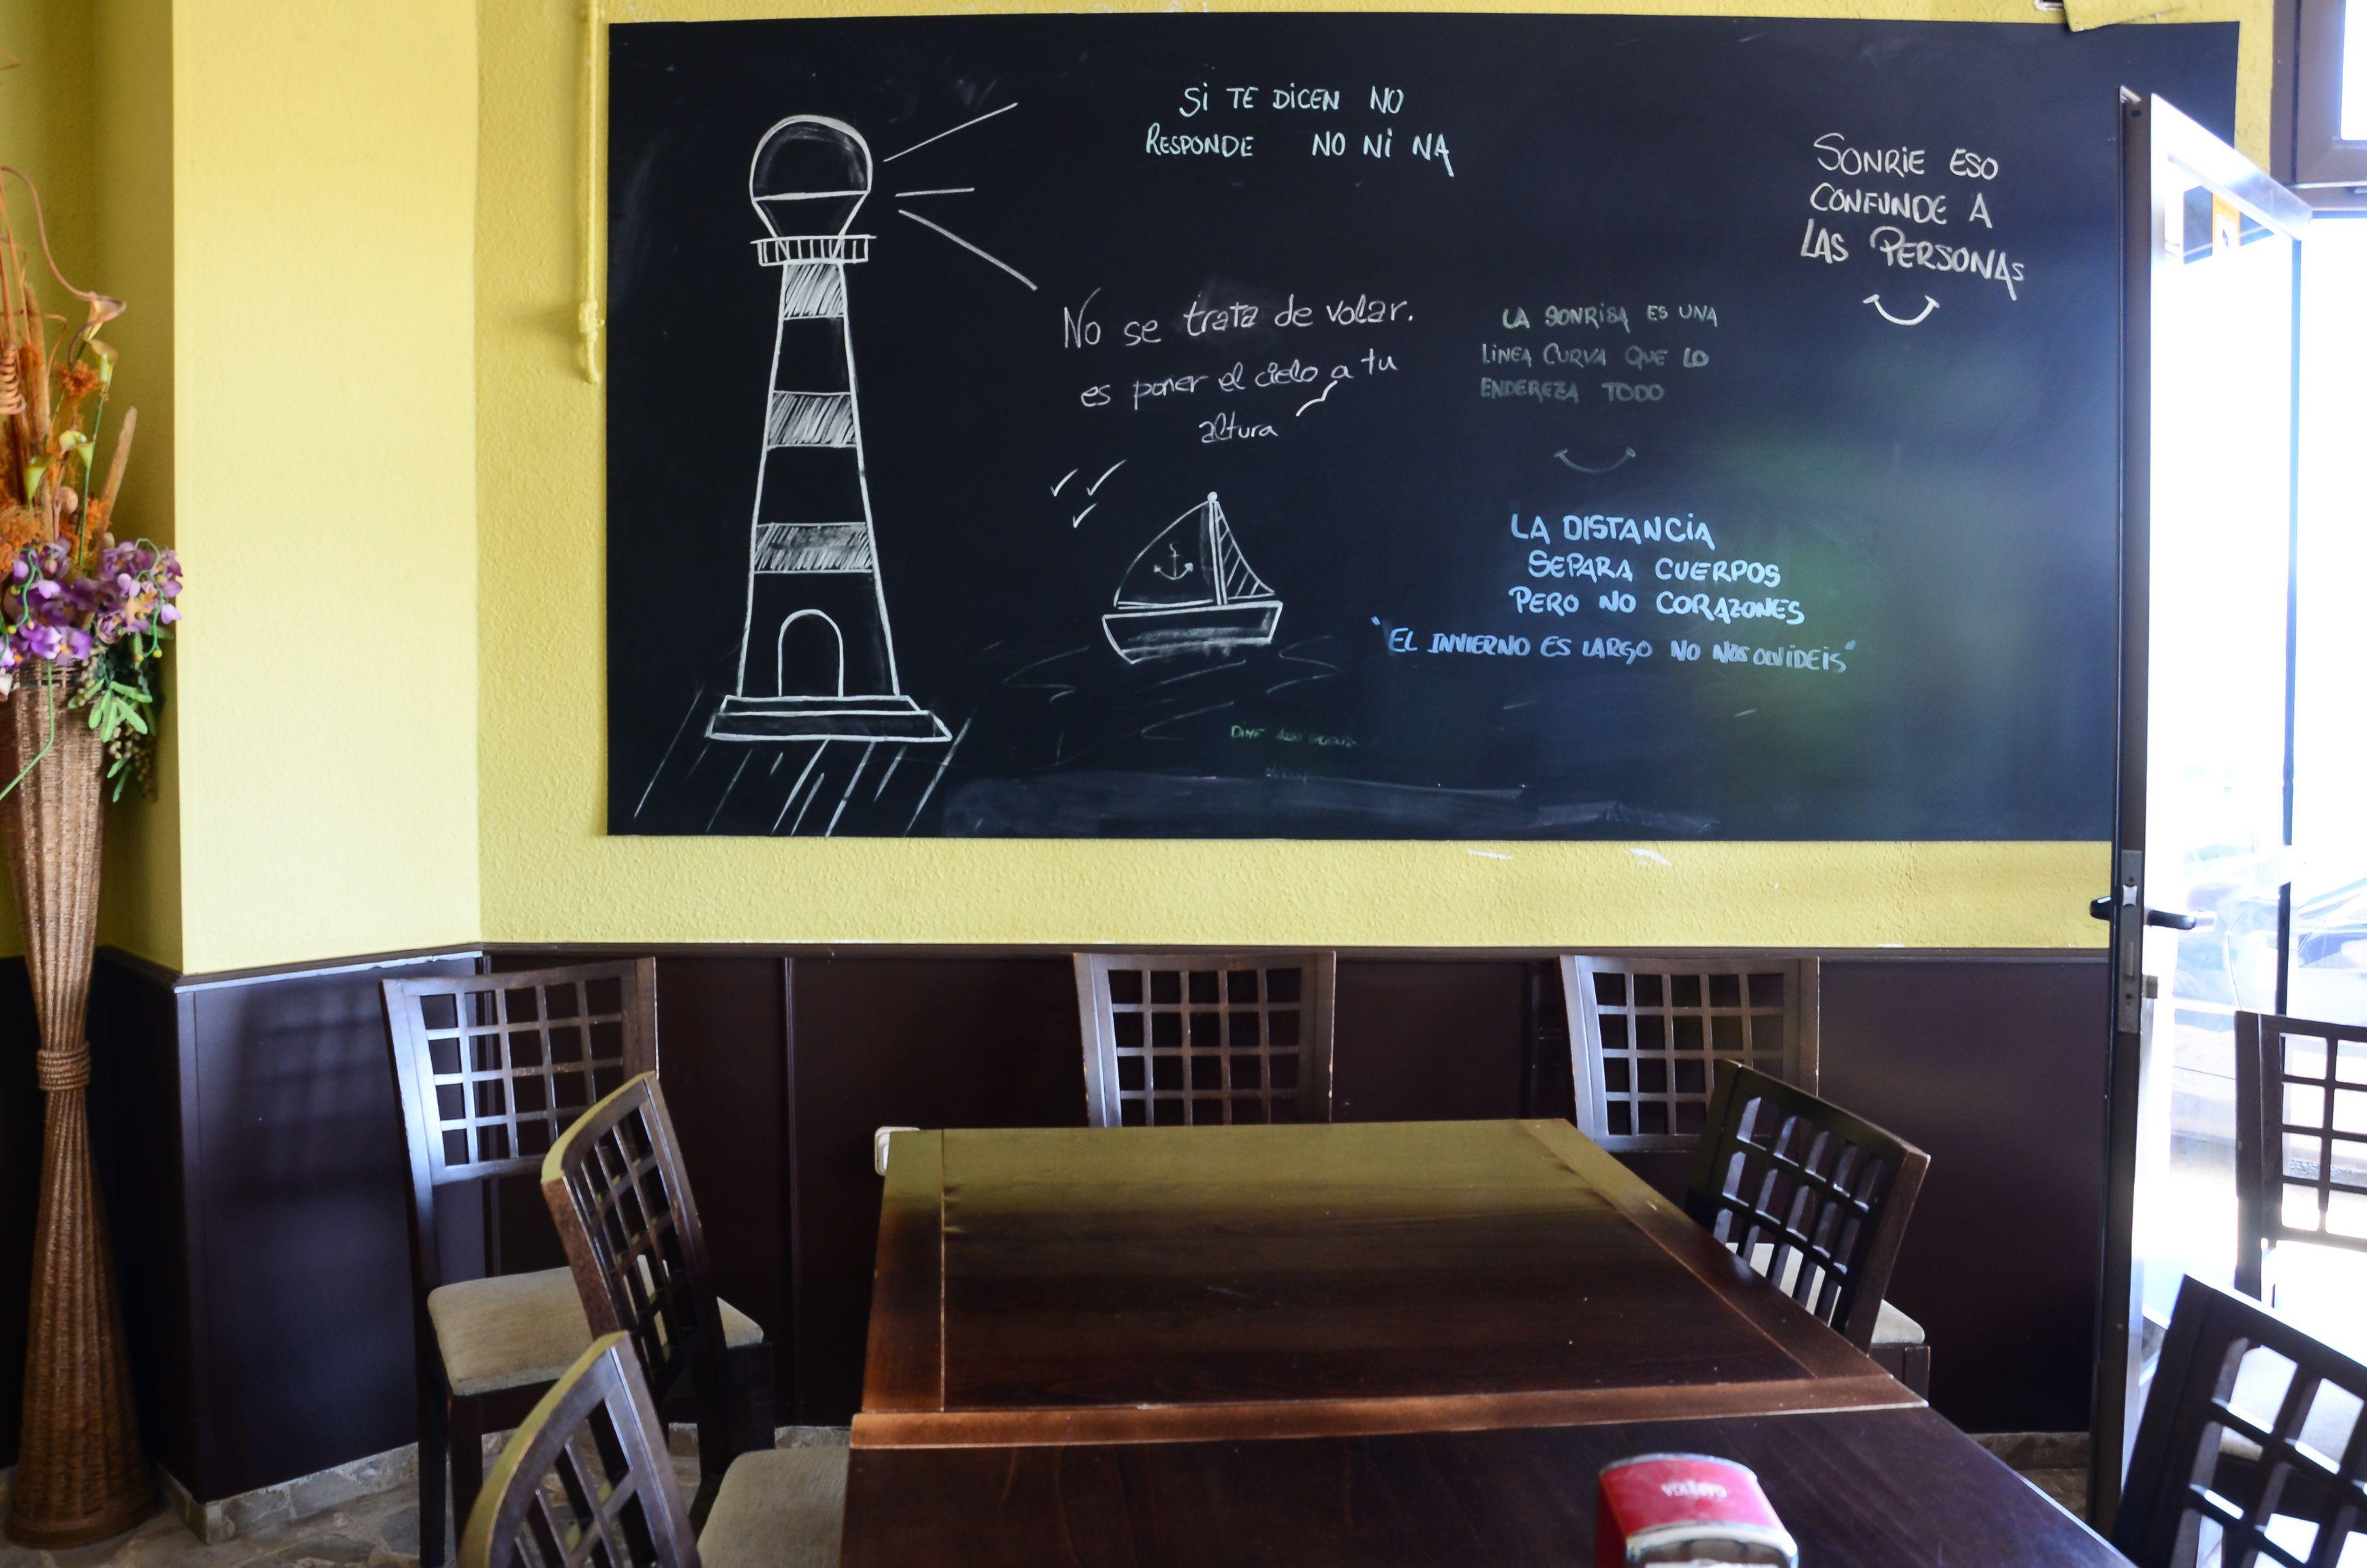 Foto 5 de International kitchen en Los Nietos | Restaurante Club Náutico Los Nietos